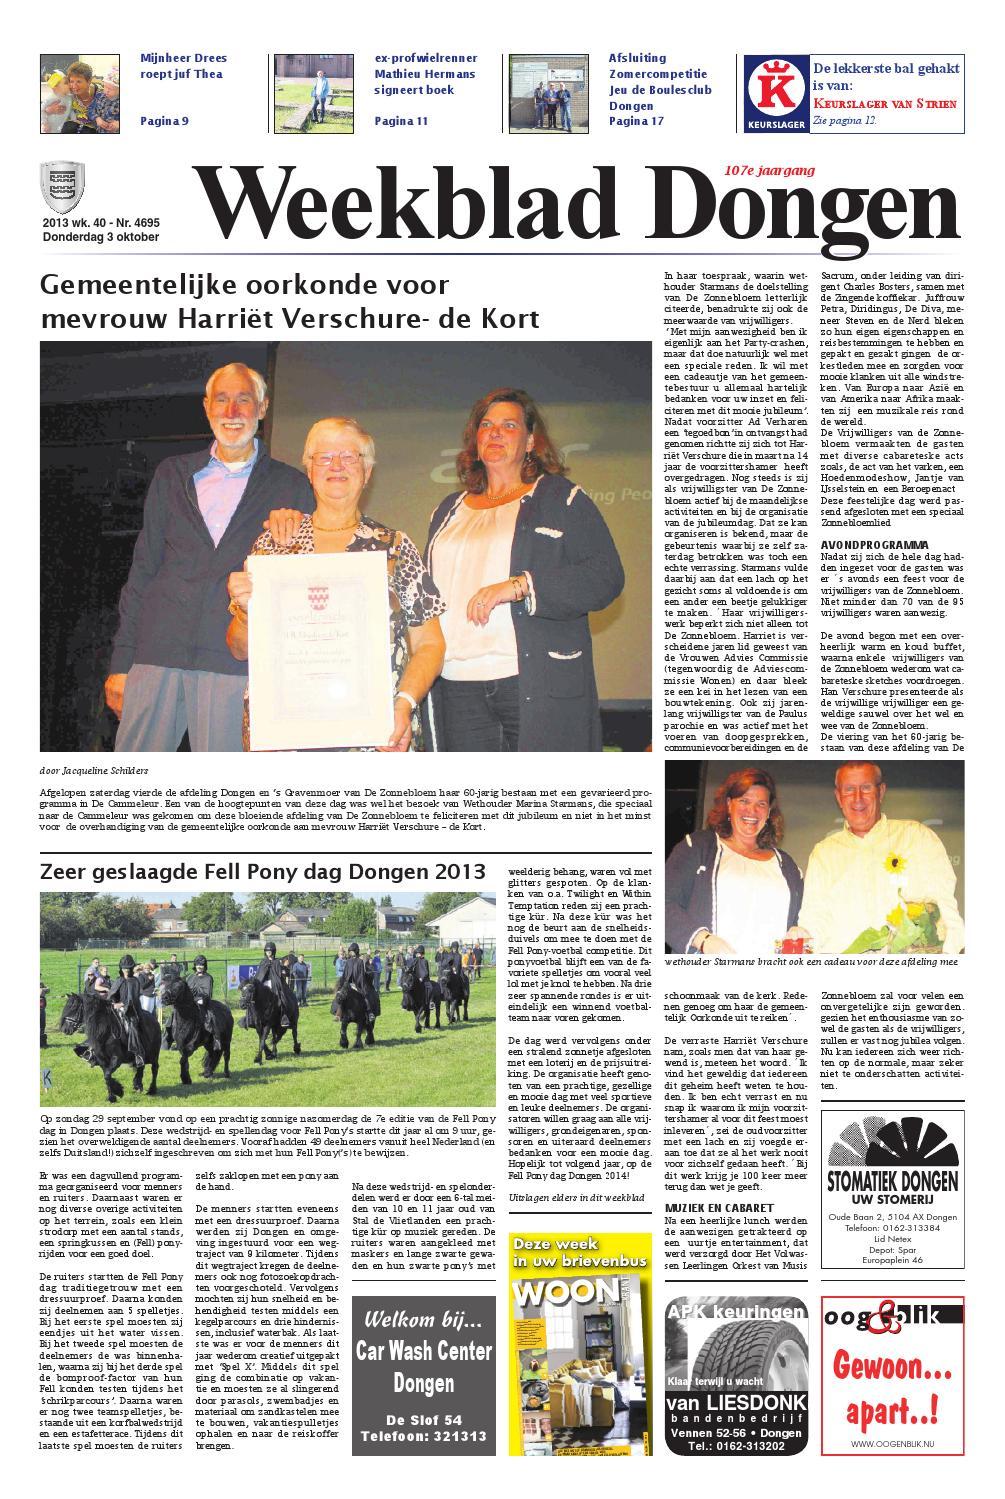 Weekblad Dongen 03-10-2013 by Uitgeverij Em de Jong - issuu